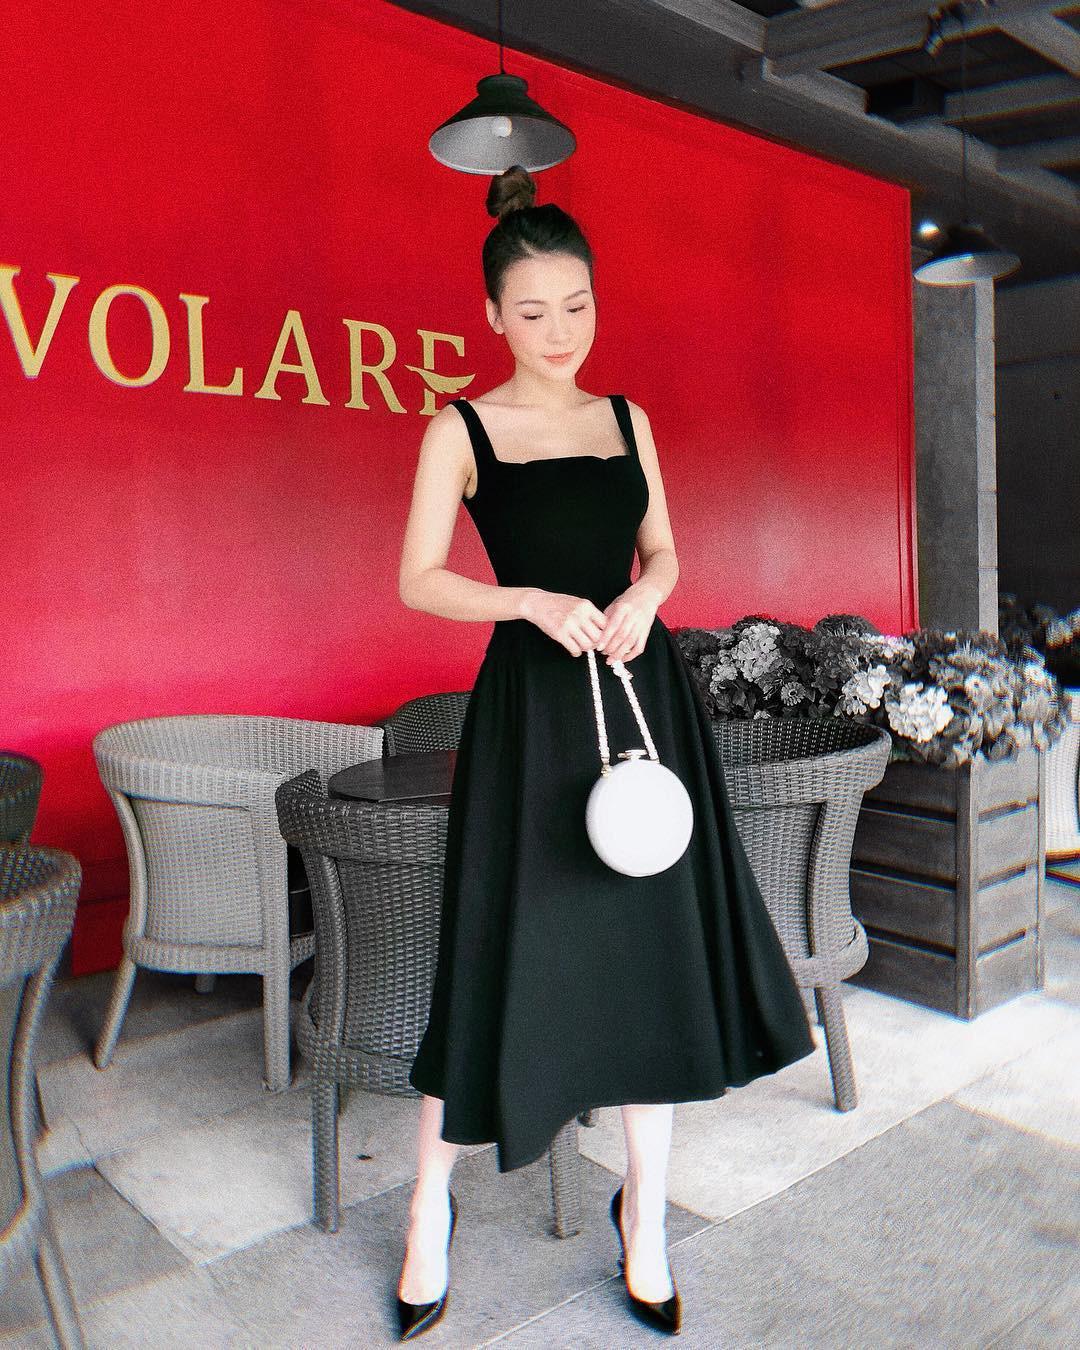 Gợi ý từ nàng Sam siêu 'nghiện' váy: 5 thiết kế sẽ đưa các cô nàng từ thái cực trẻ trung hack tuổi đến sang chảnh - Ảnh 10